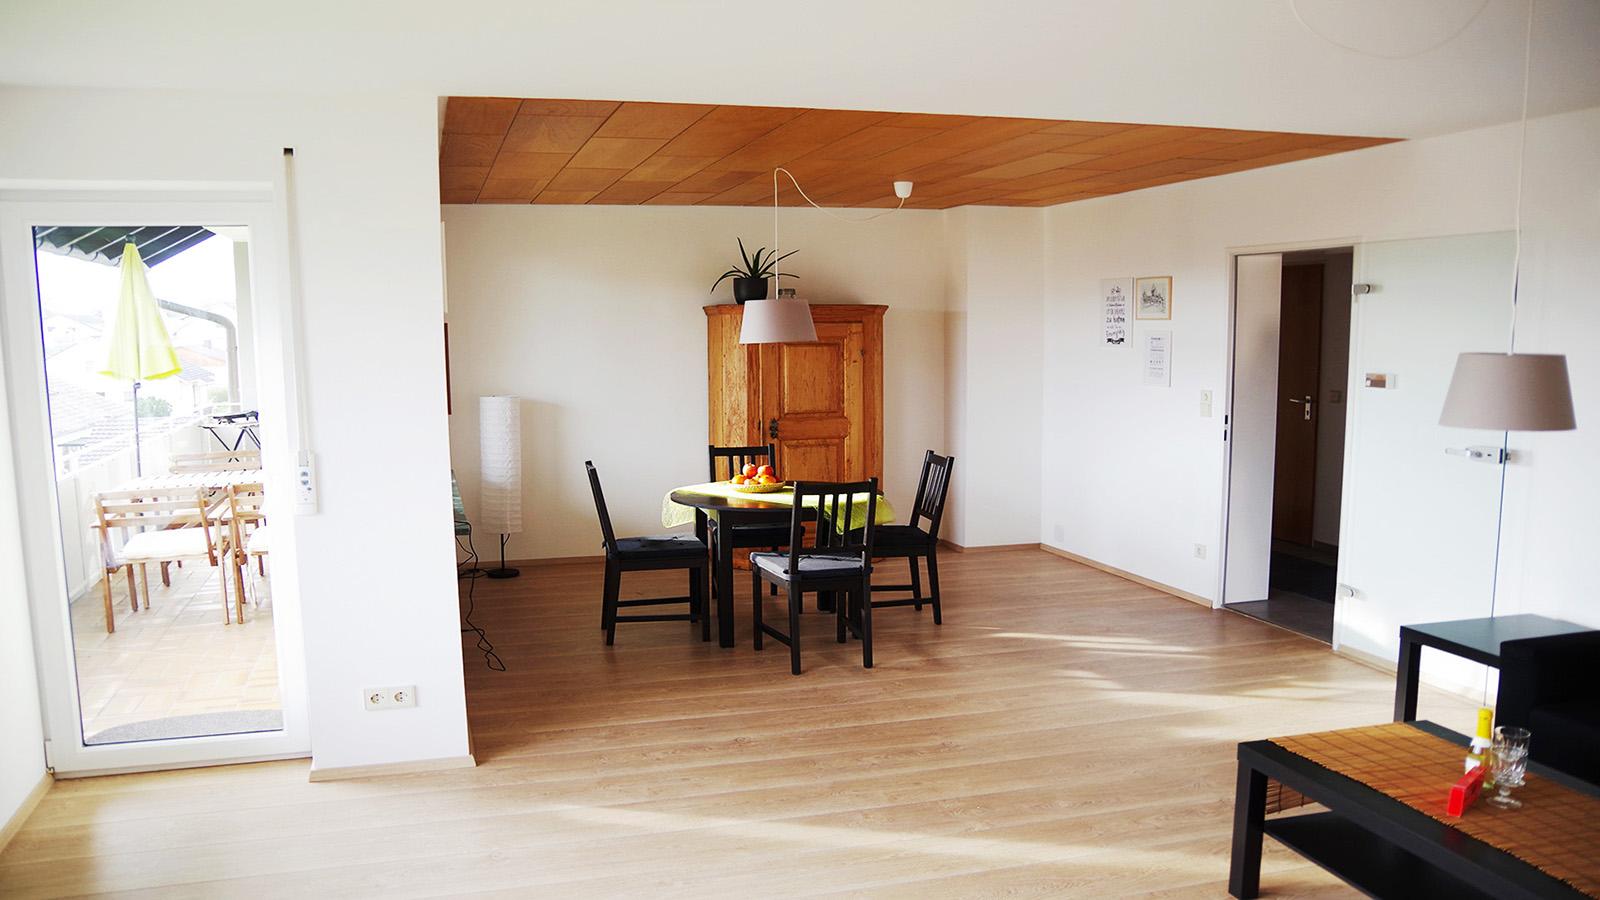 Ferienwohnung am Bodensee: Weitblick - Esszimmer